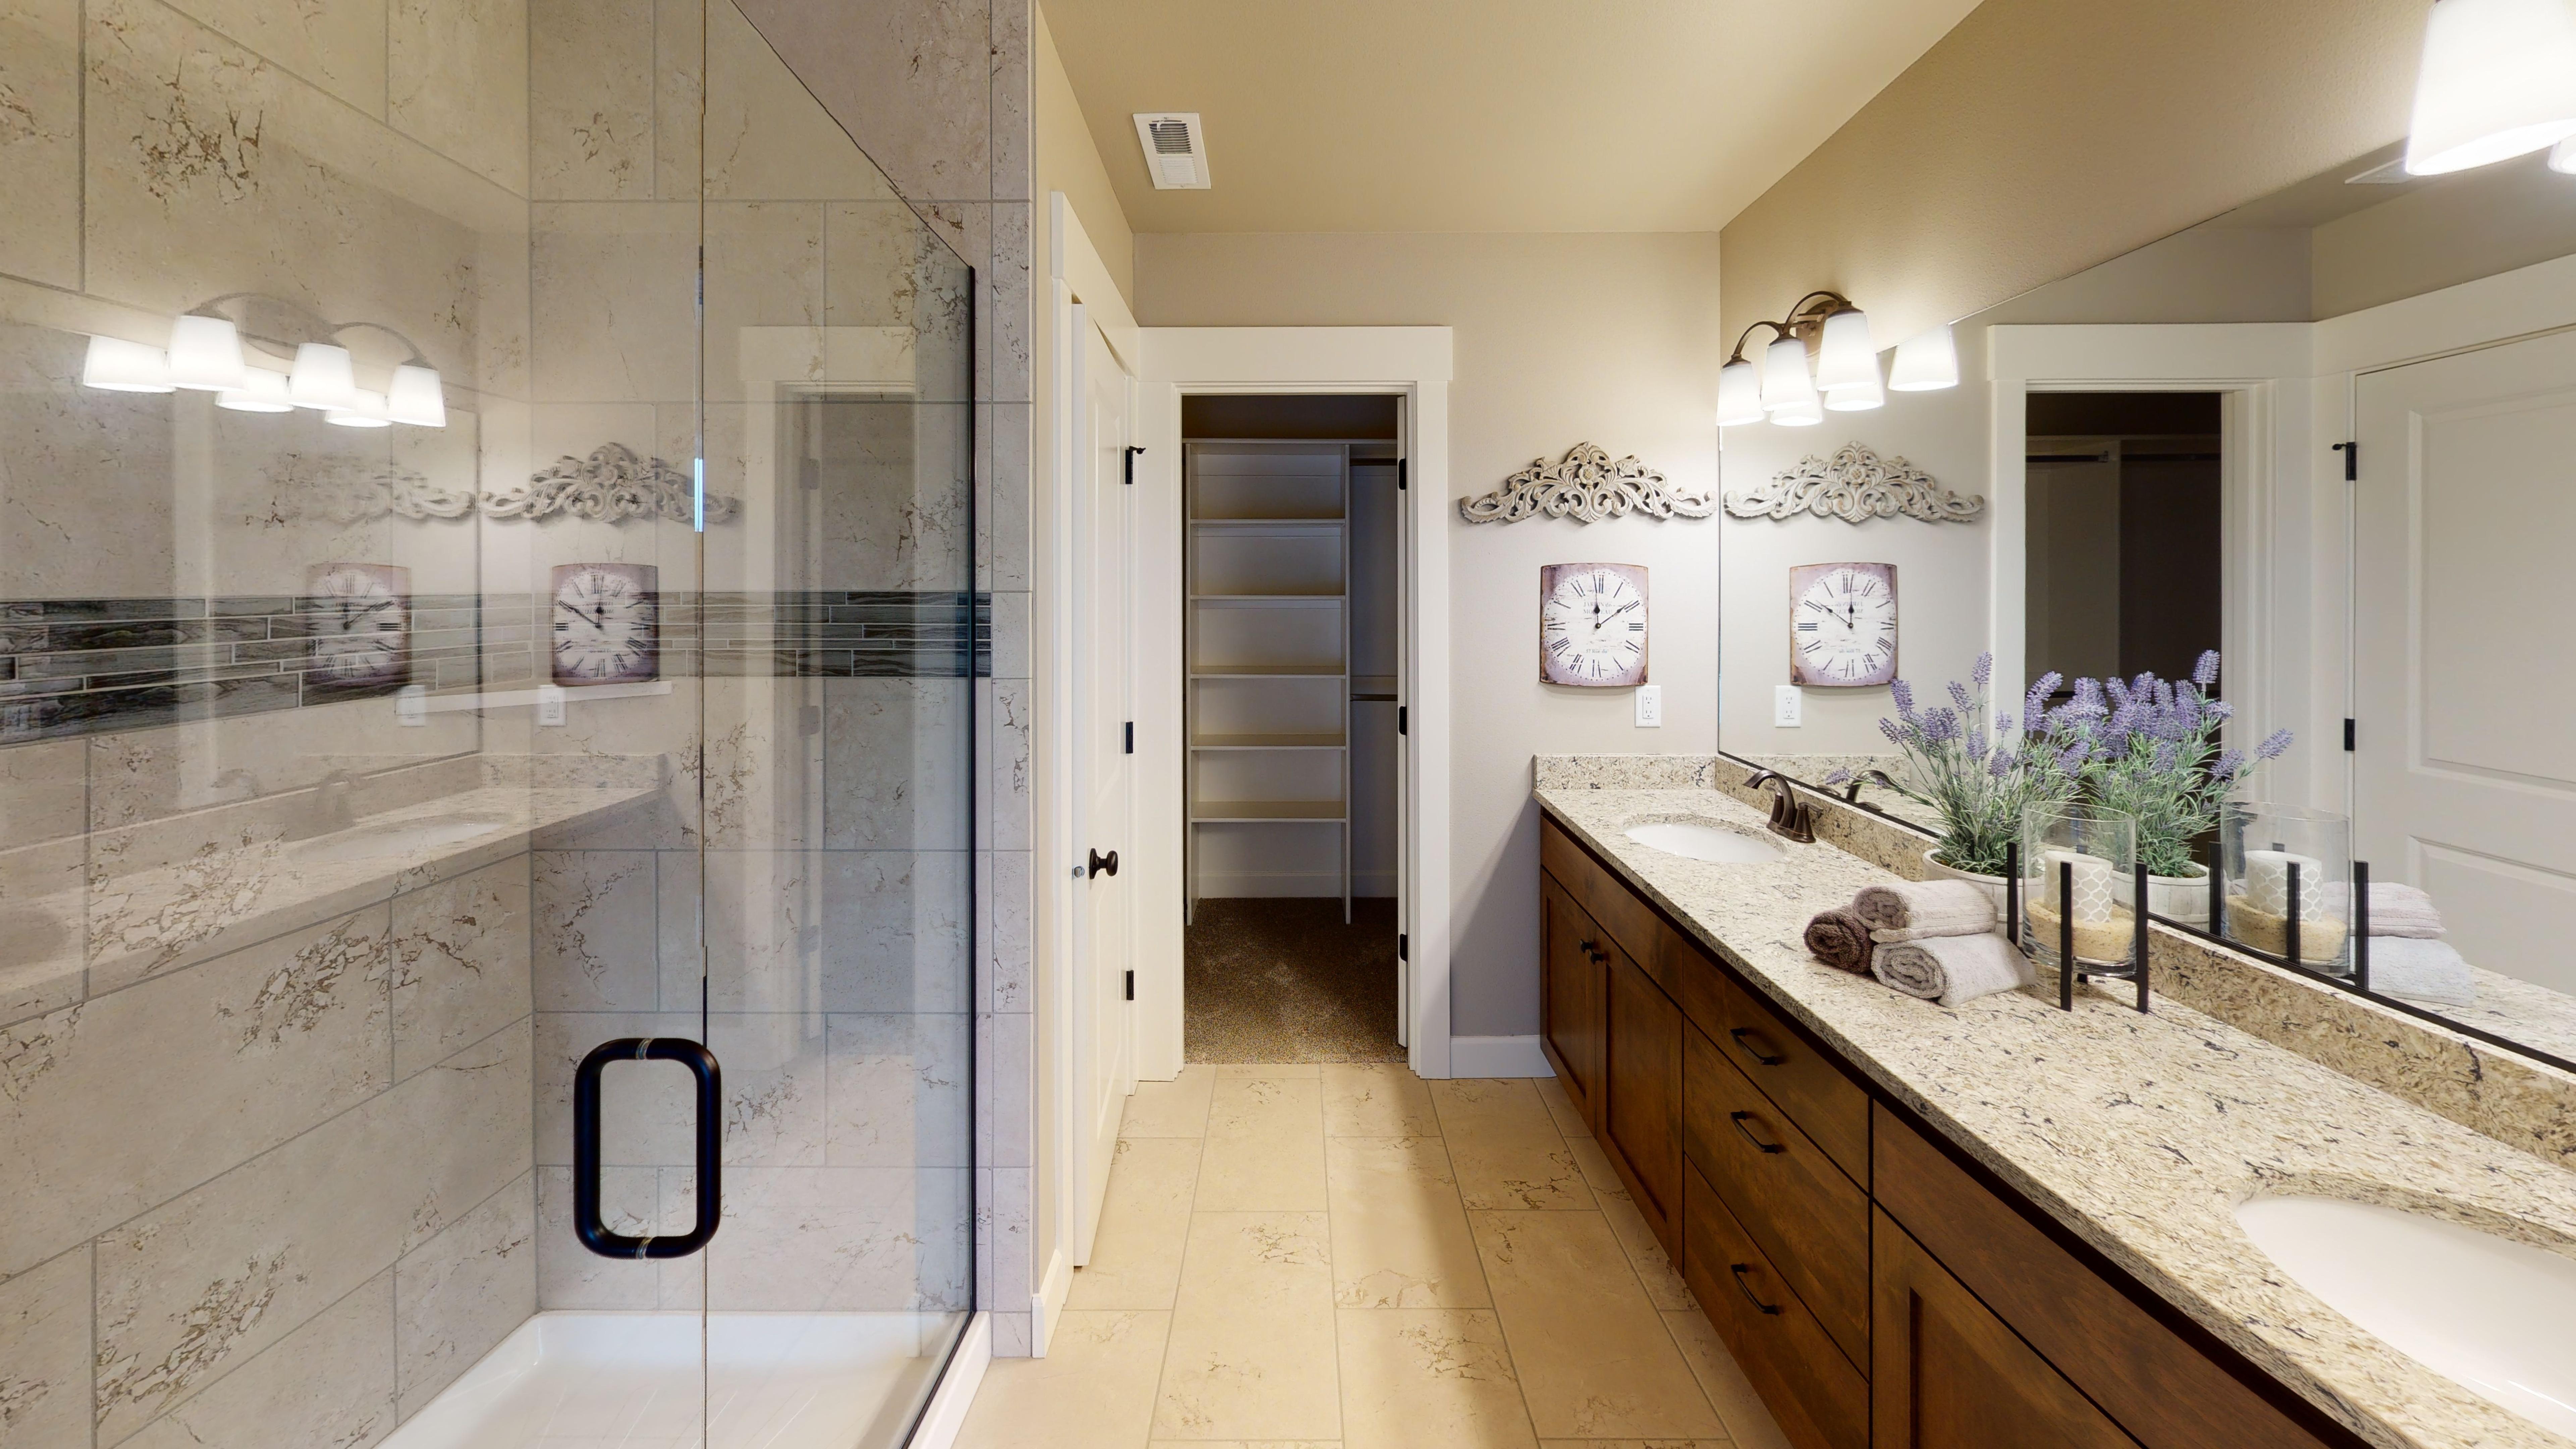 4868-Tate-Ave-N-Keizer-OR-Bathroom